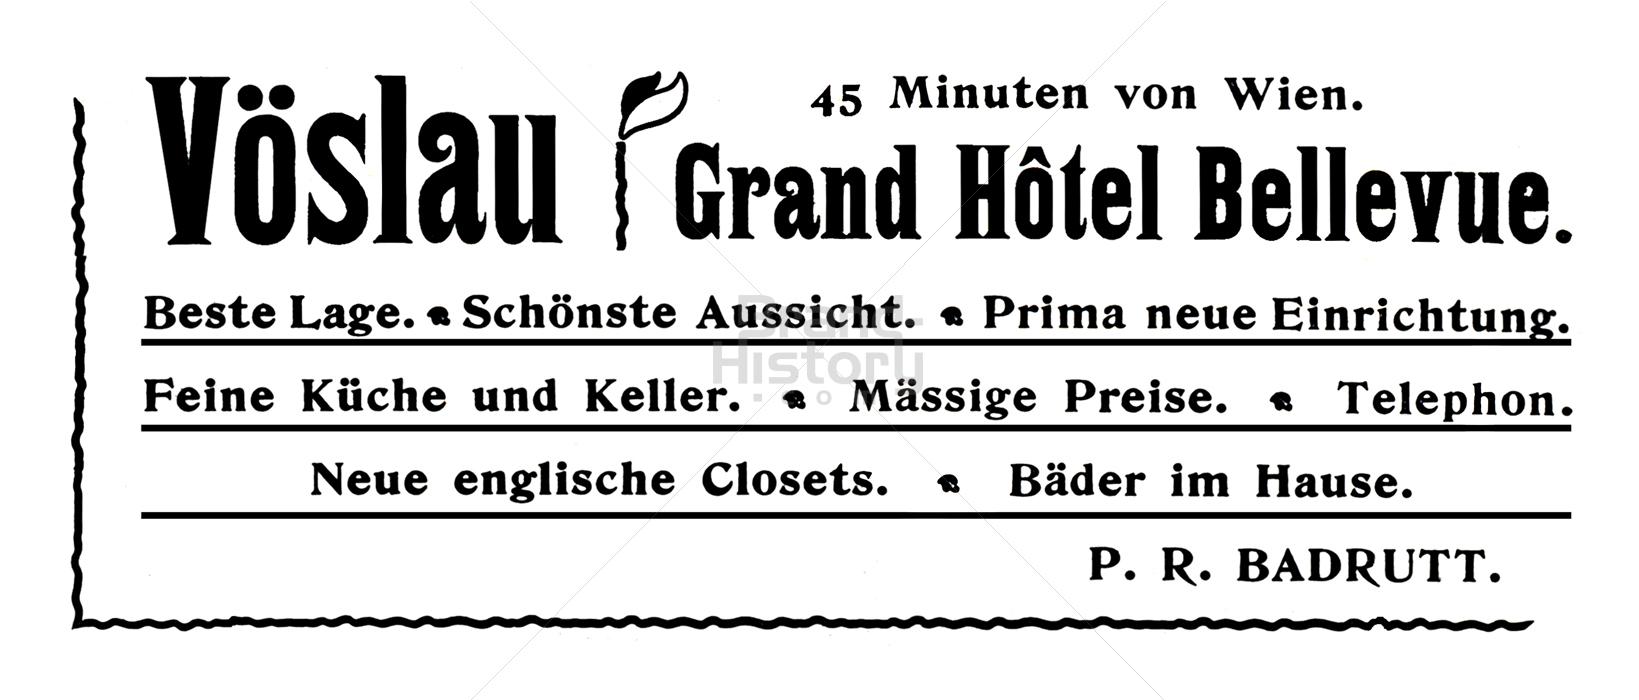 Meine Küche Kel | P R Badrutt Grand Hotel Bellevue Voslau 45 Minuten Von Wien